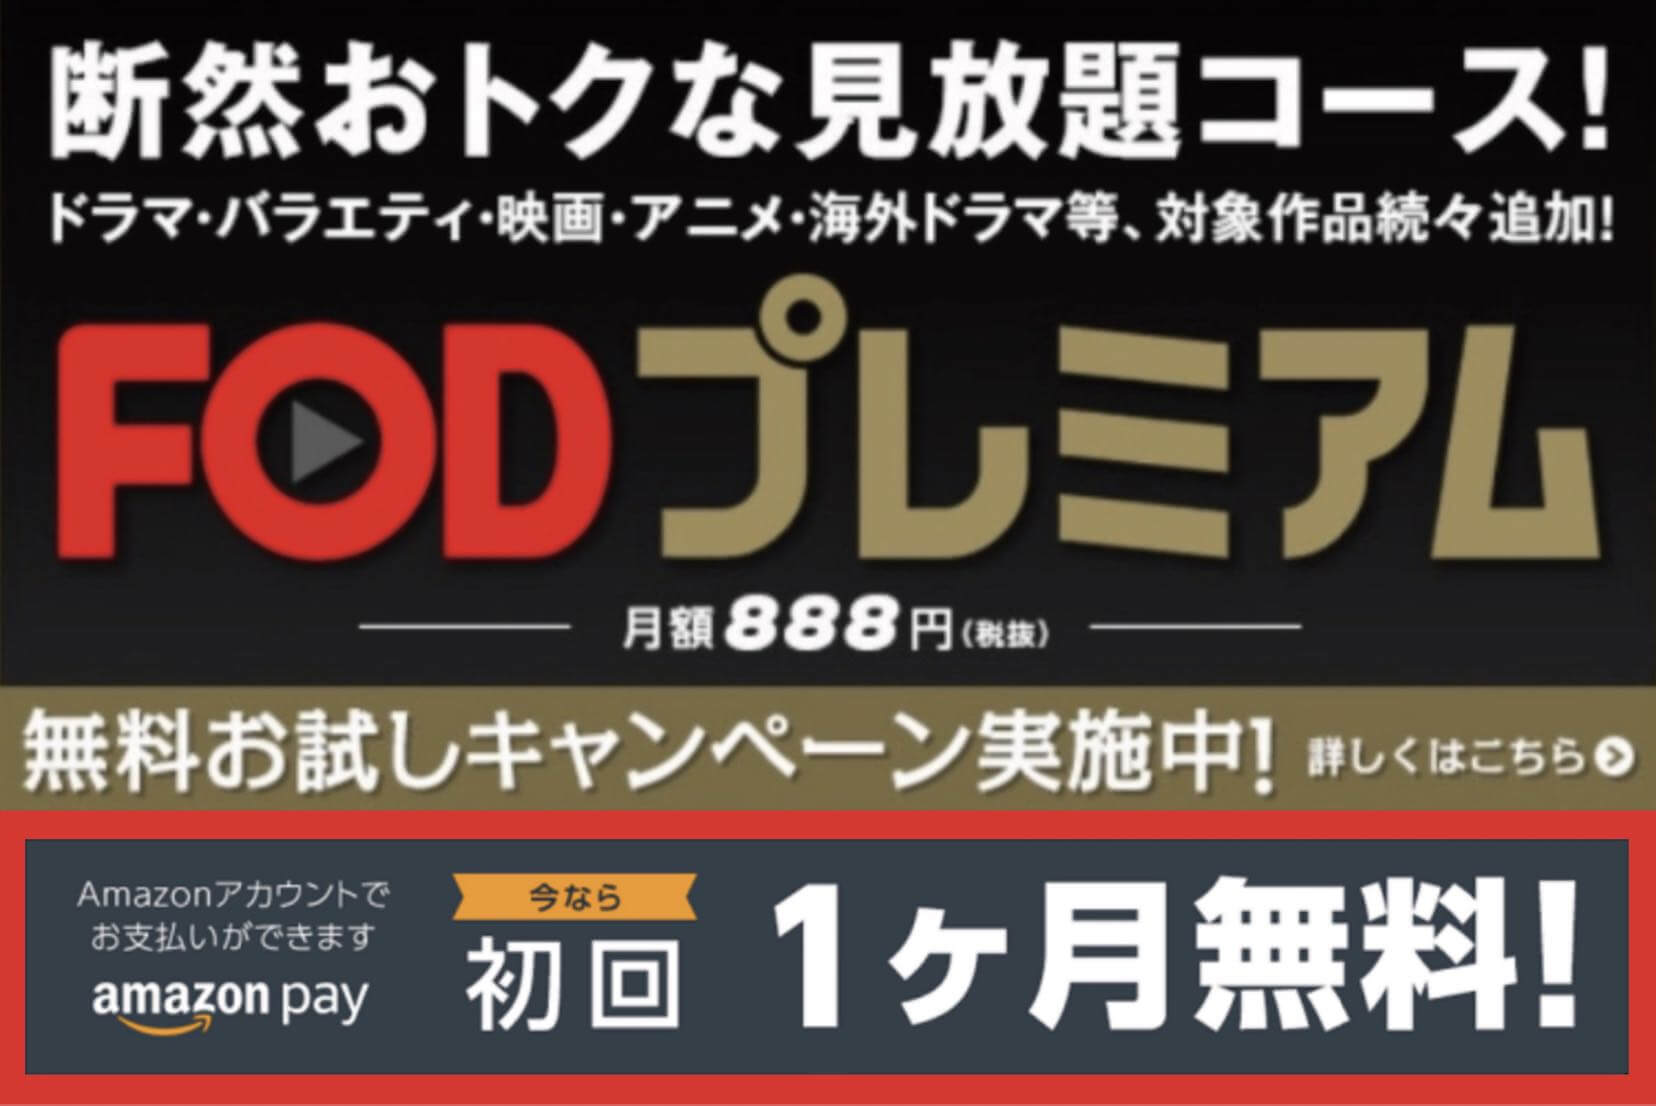 FODプレミアム1ヶ月間の無料登録で映画やドラマなど動画が見放題!